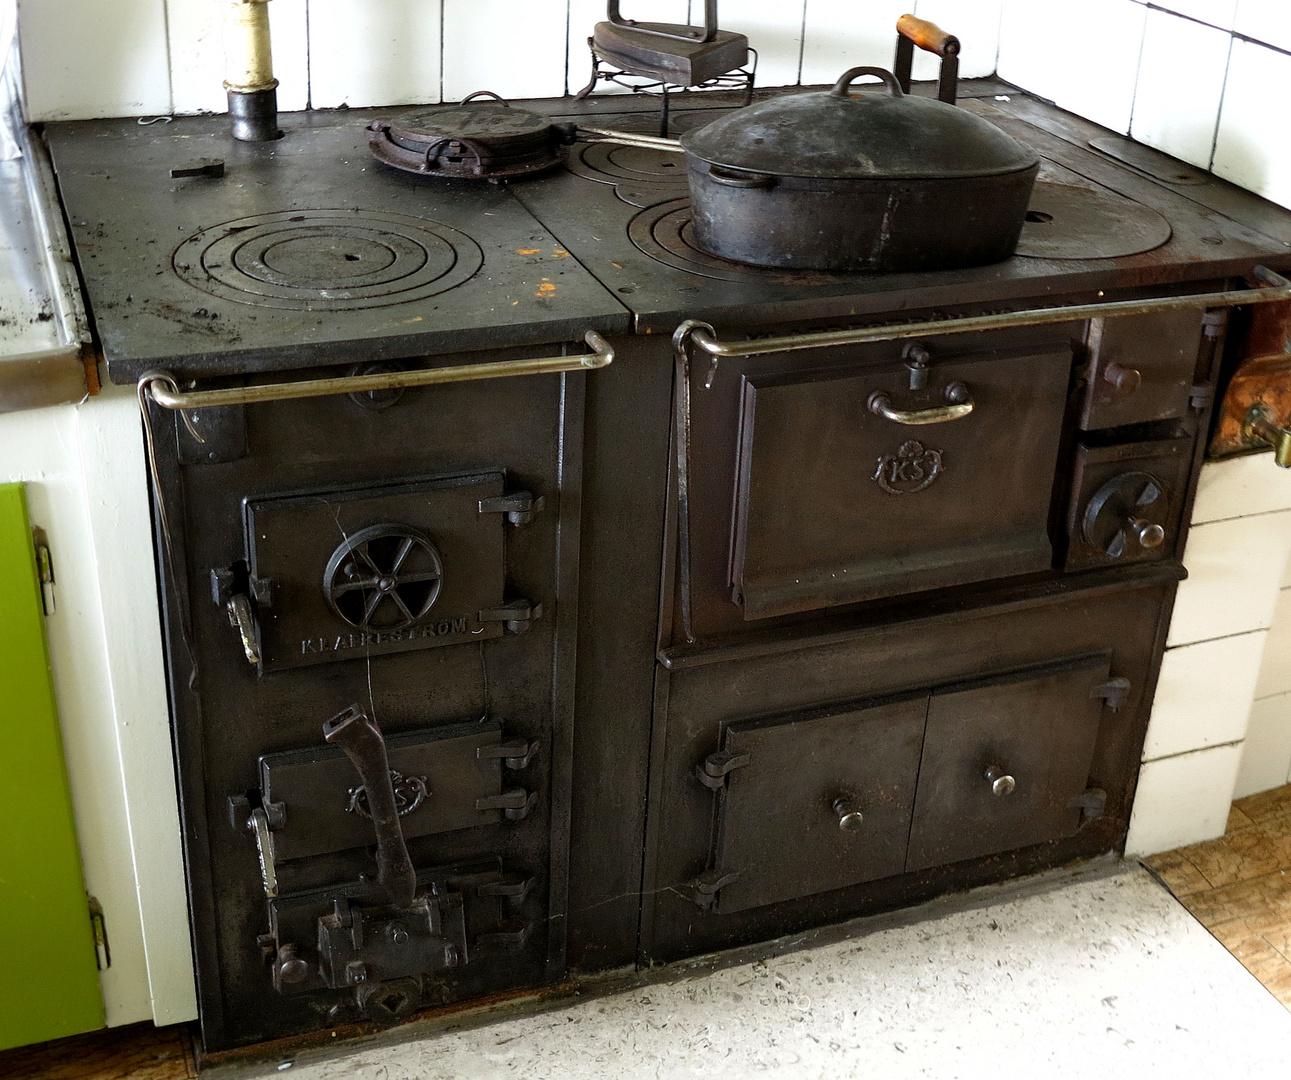 f r goldlocke76 ein traum von herd foto bild kunstfotografie. Black Bedroom Furniture Sets. Home Design Ideas